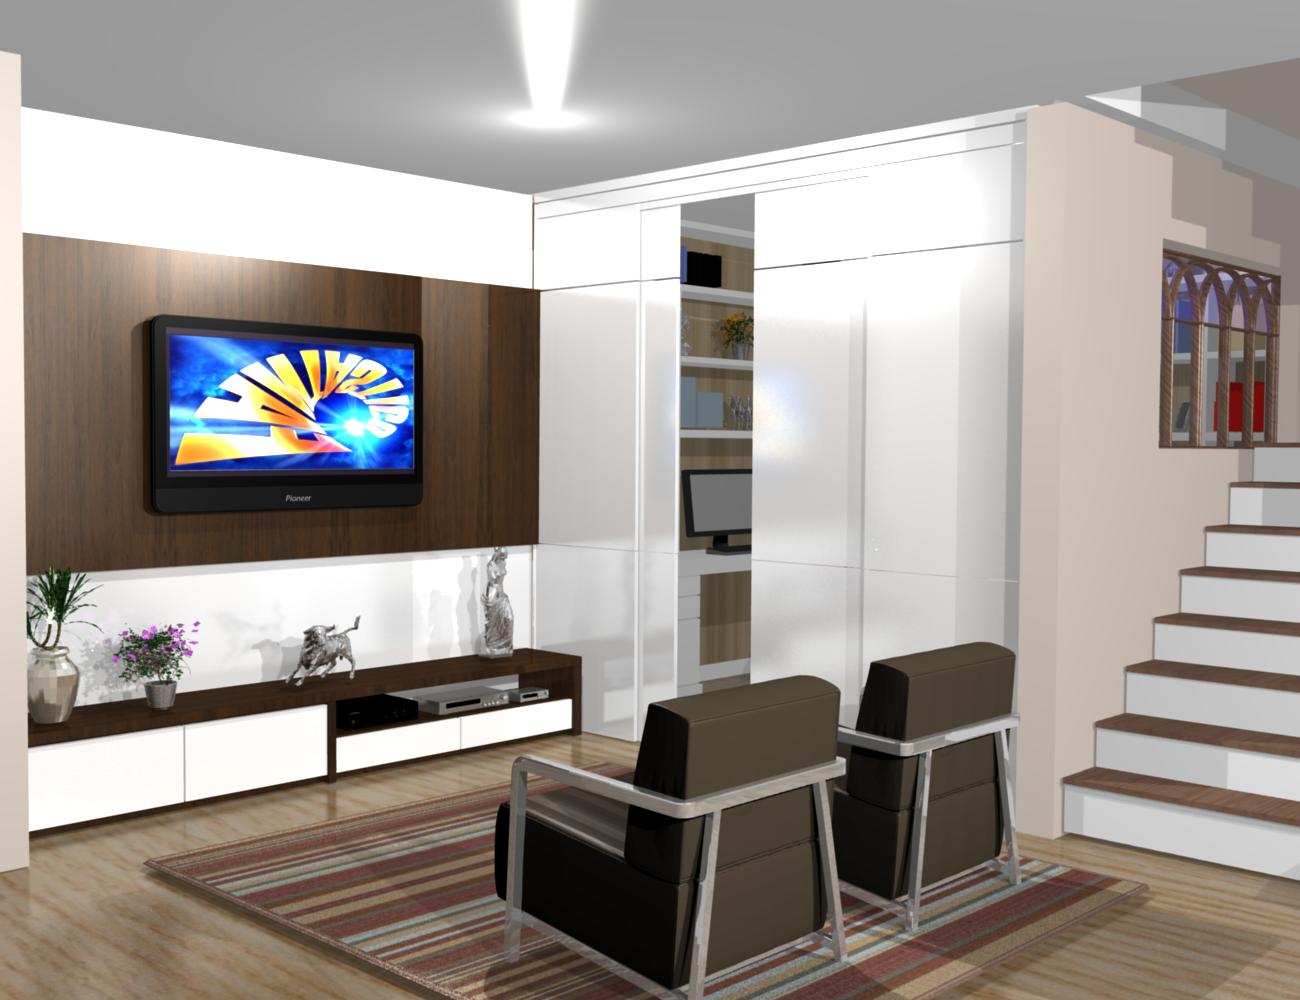 #0751C4  sob medida armários cozinha banheiro decoração painel lcd bar 1300x1000 px Projeto De Armario Embutido Para Cozinha_4459 Imagens